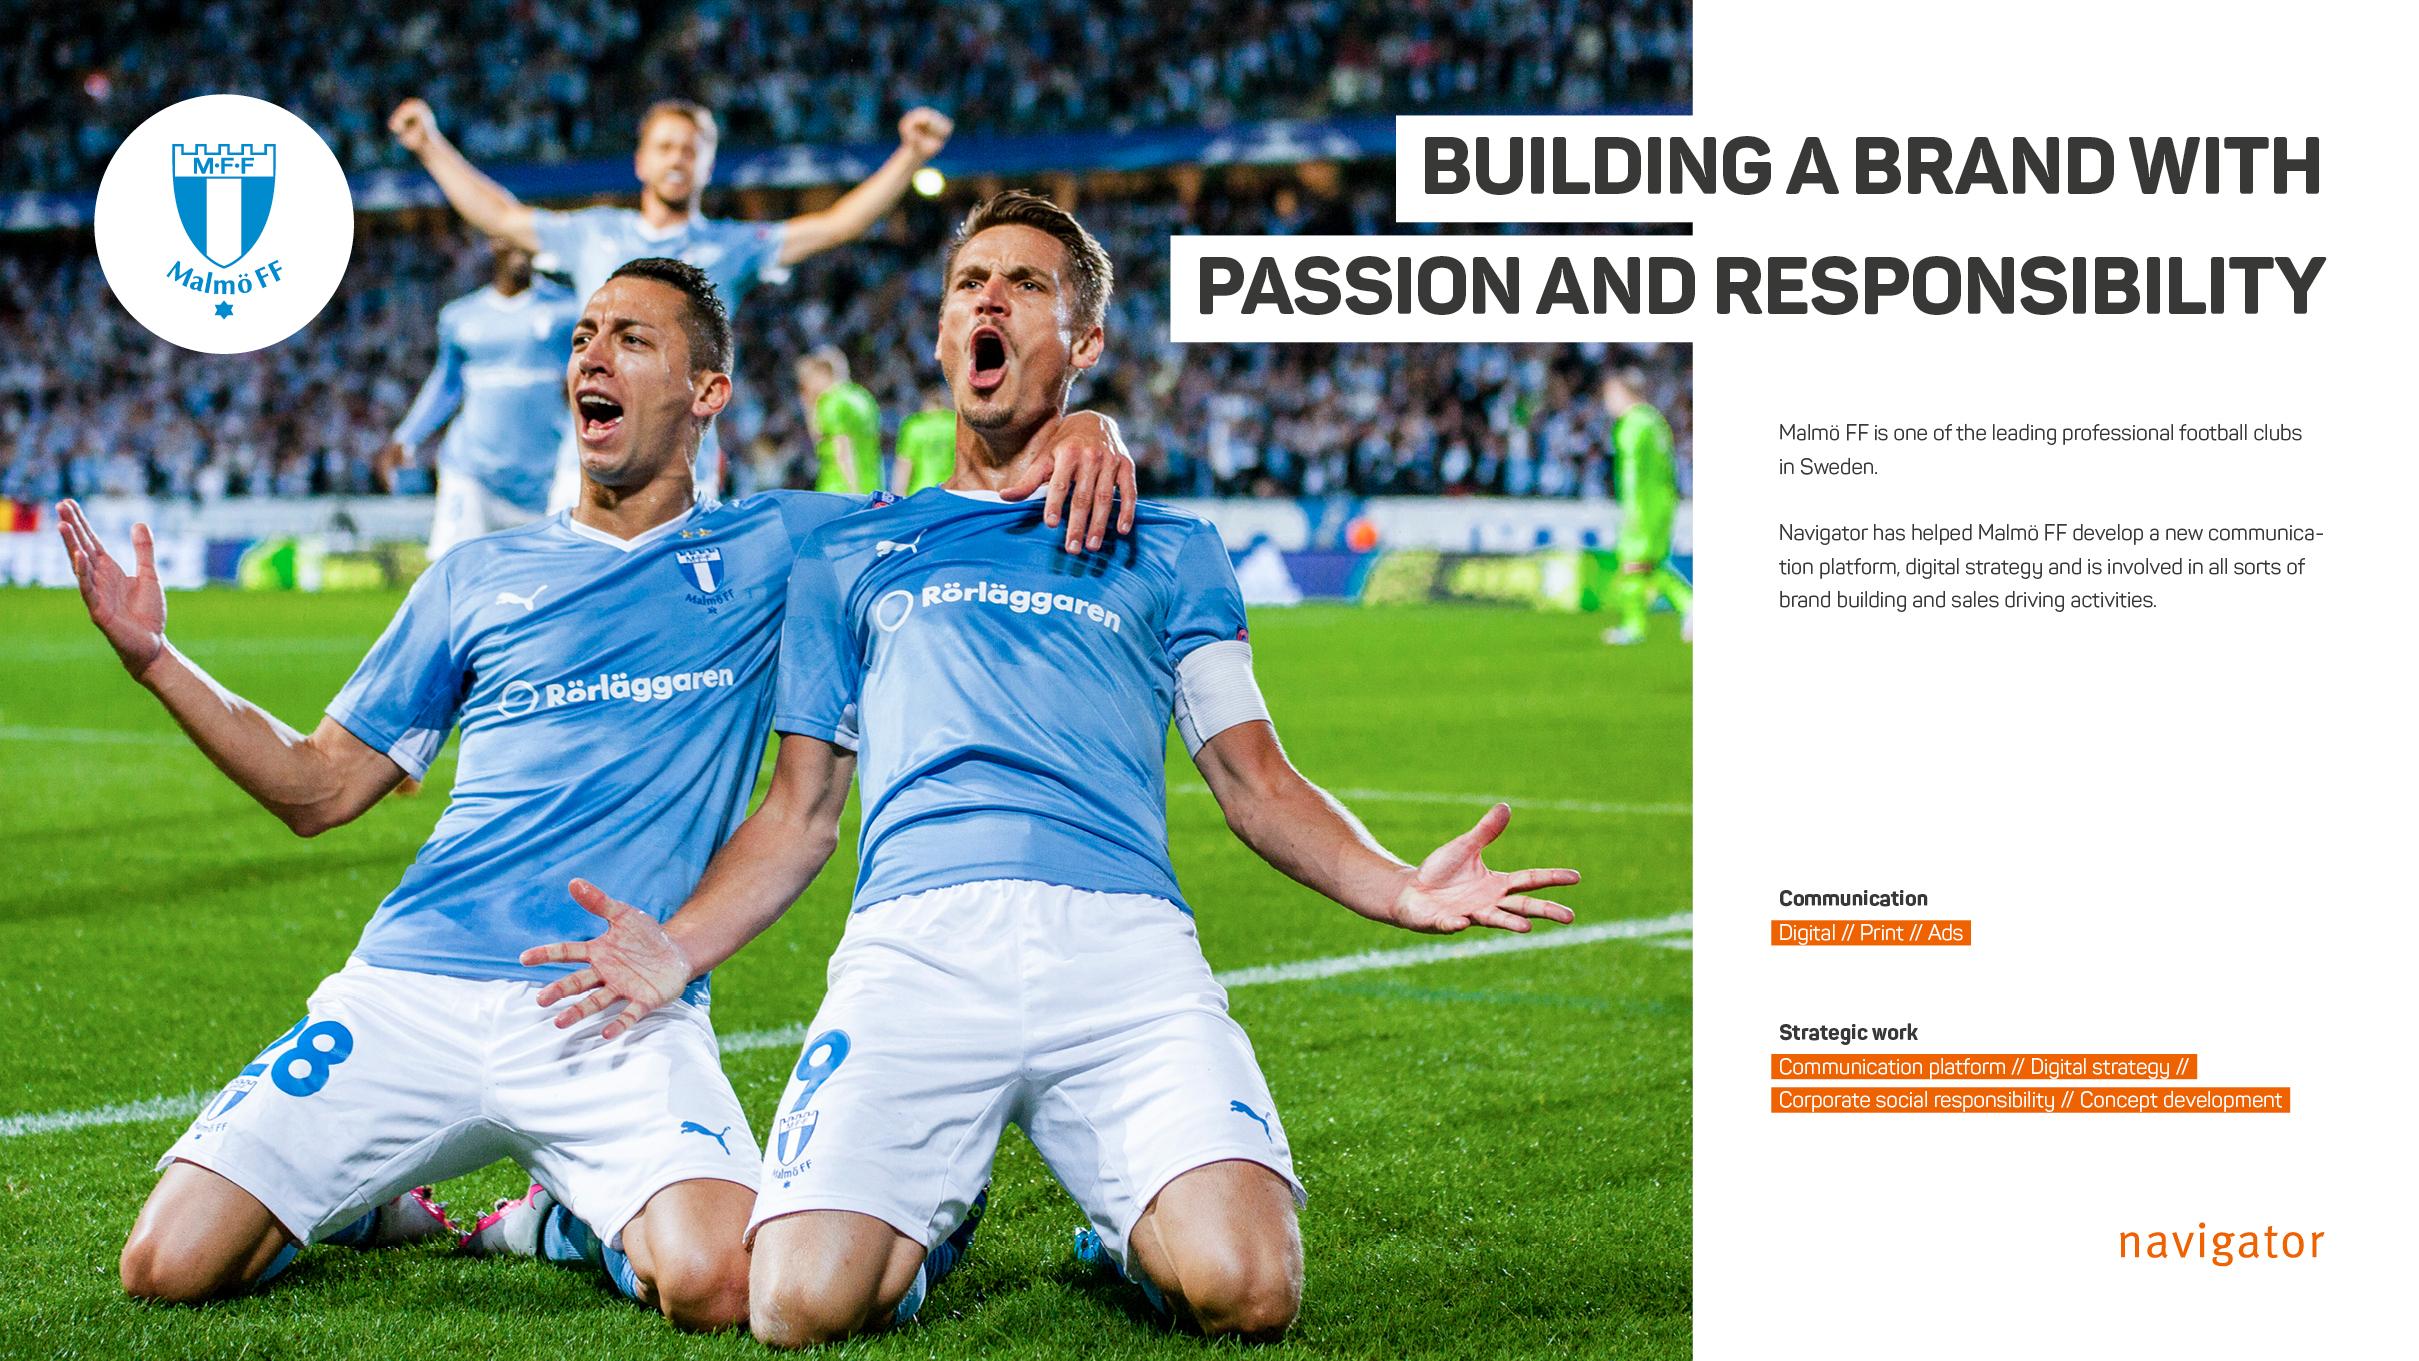 Malmö FF case